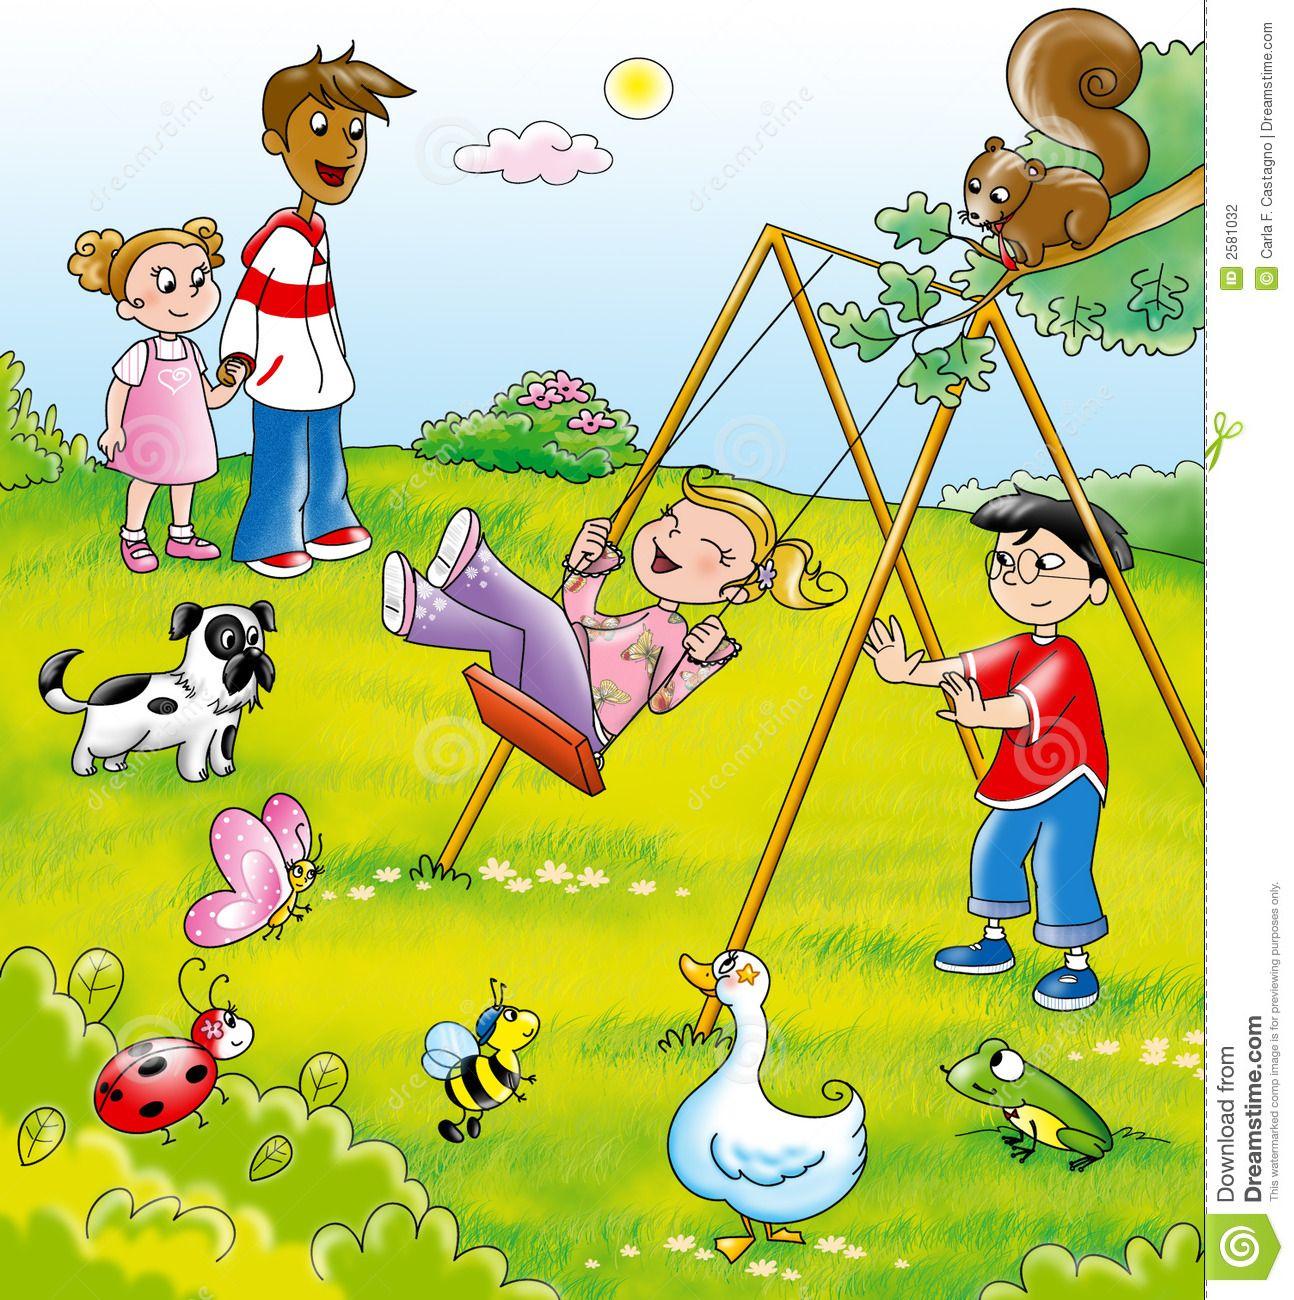 kids in a park cartoon | Mural Inspiration | Pinterest ...